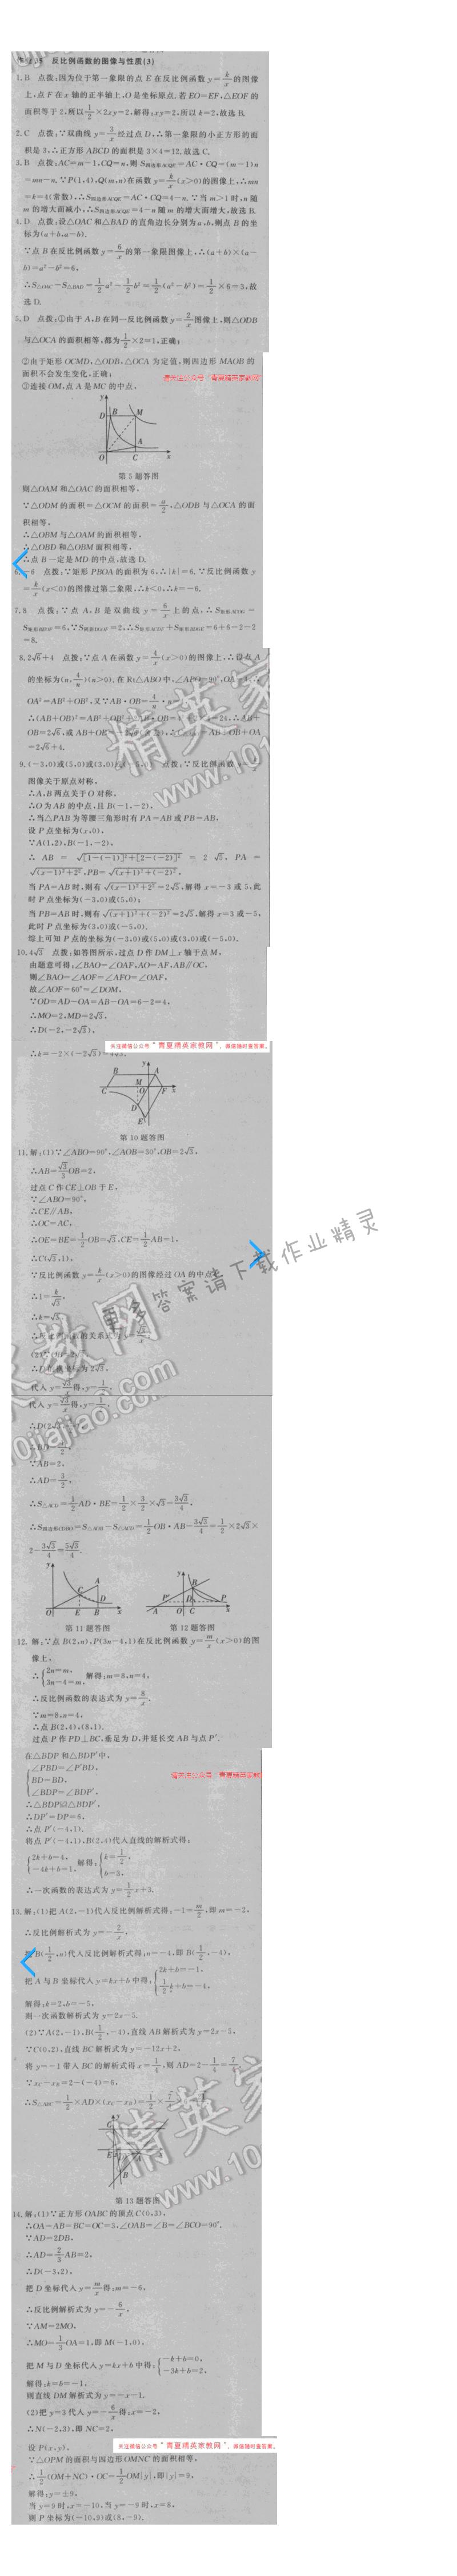 2016年启东中学作业本八年级数学下册江苏版 第十一章 作业35